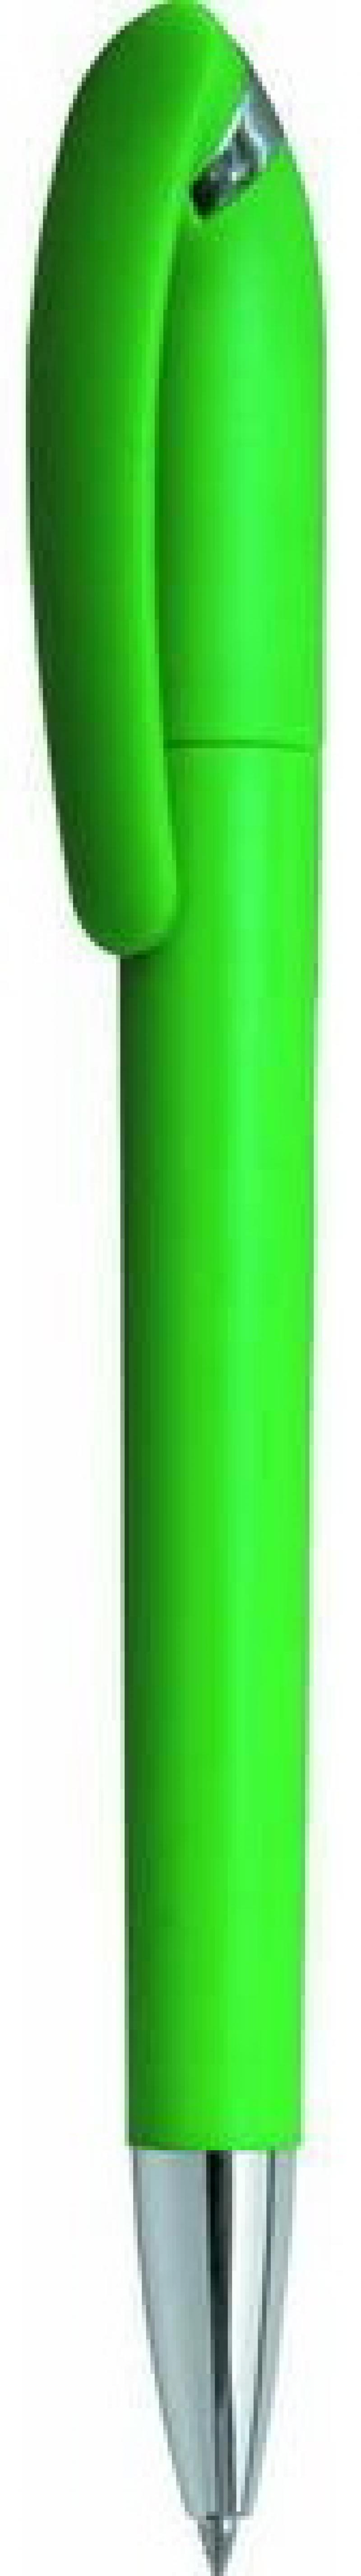 Шариковая ручка автоматическая Index APPLICA синий 0.5 мм IBP302/GN IBP302/GN канцелярия index точилка автоматическая